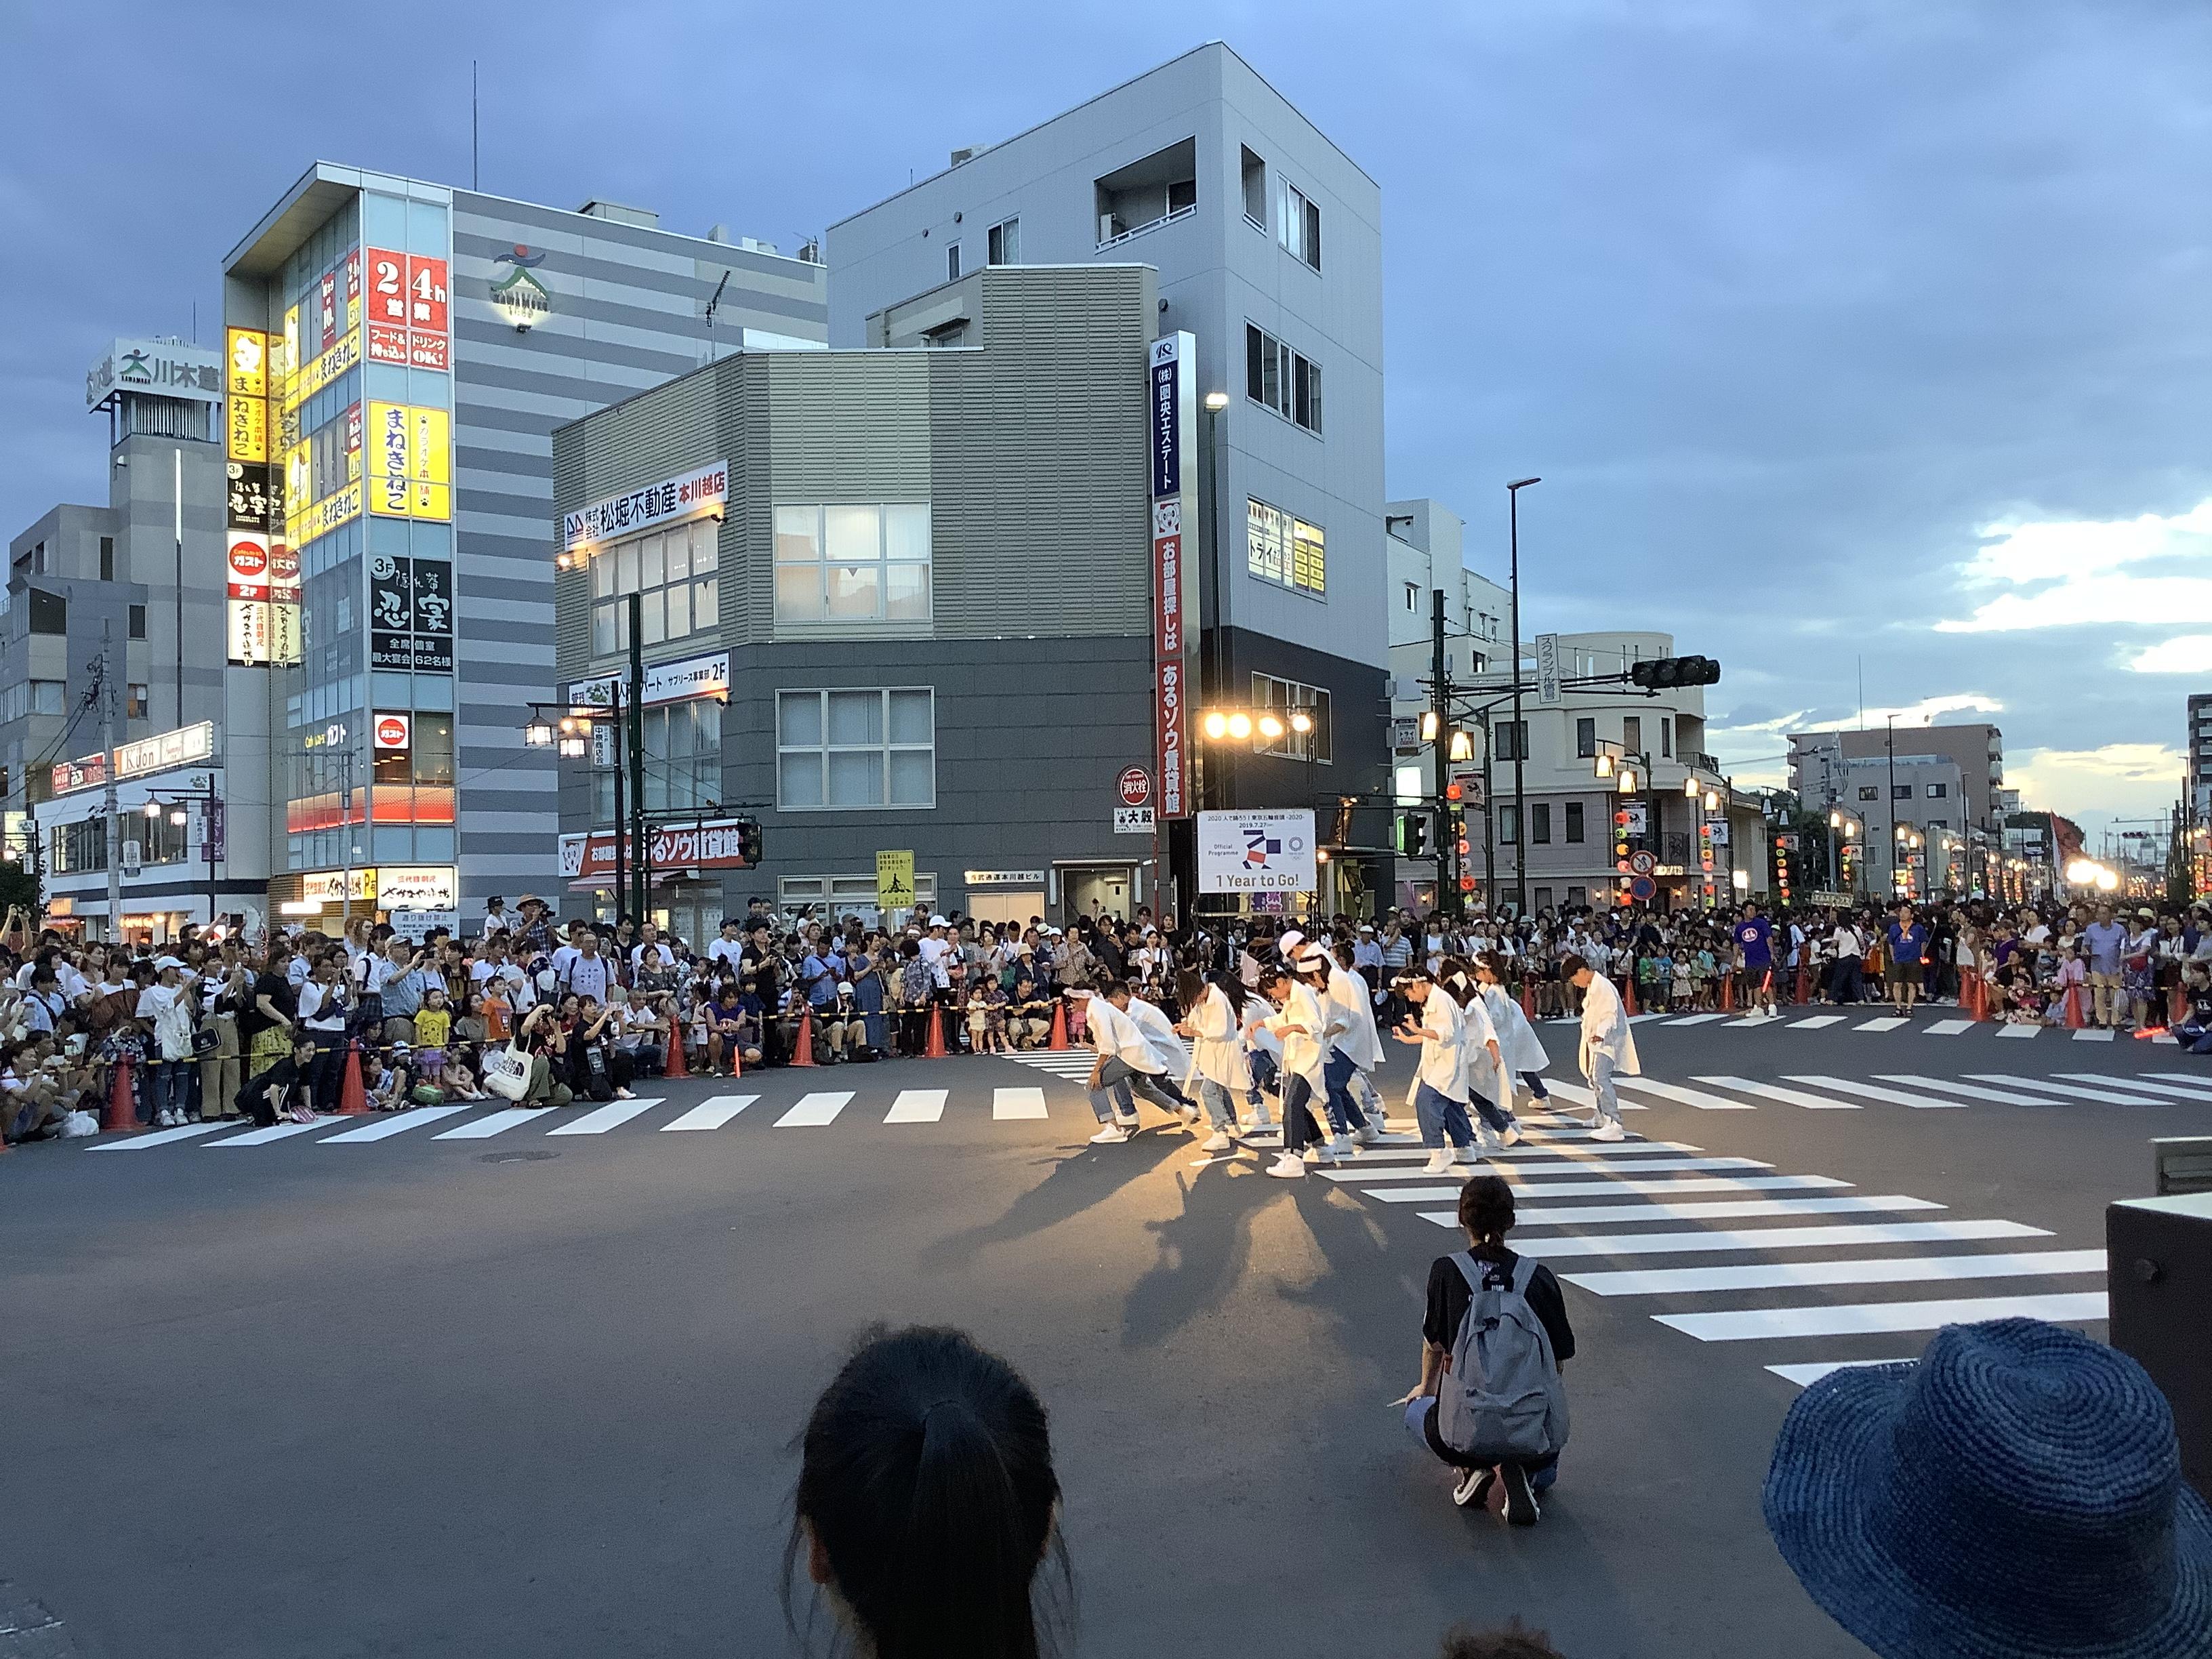 川越百万灯祭り 本川越駅前